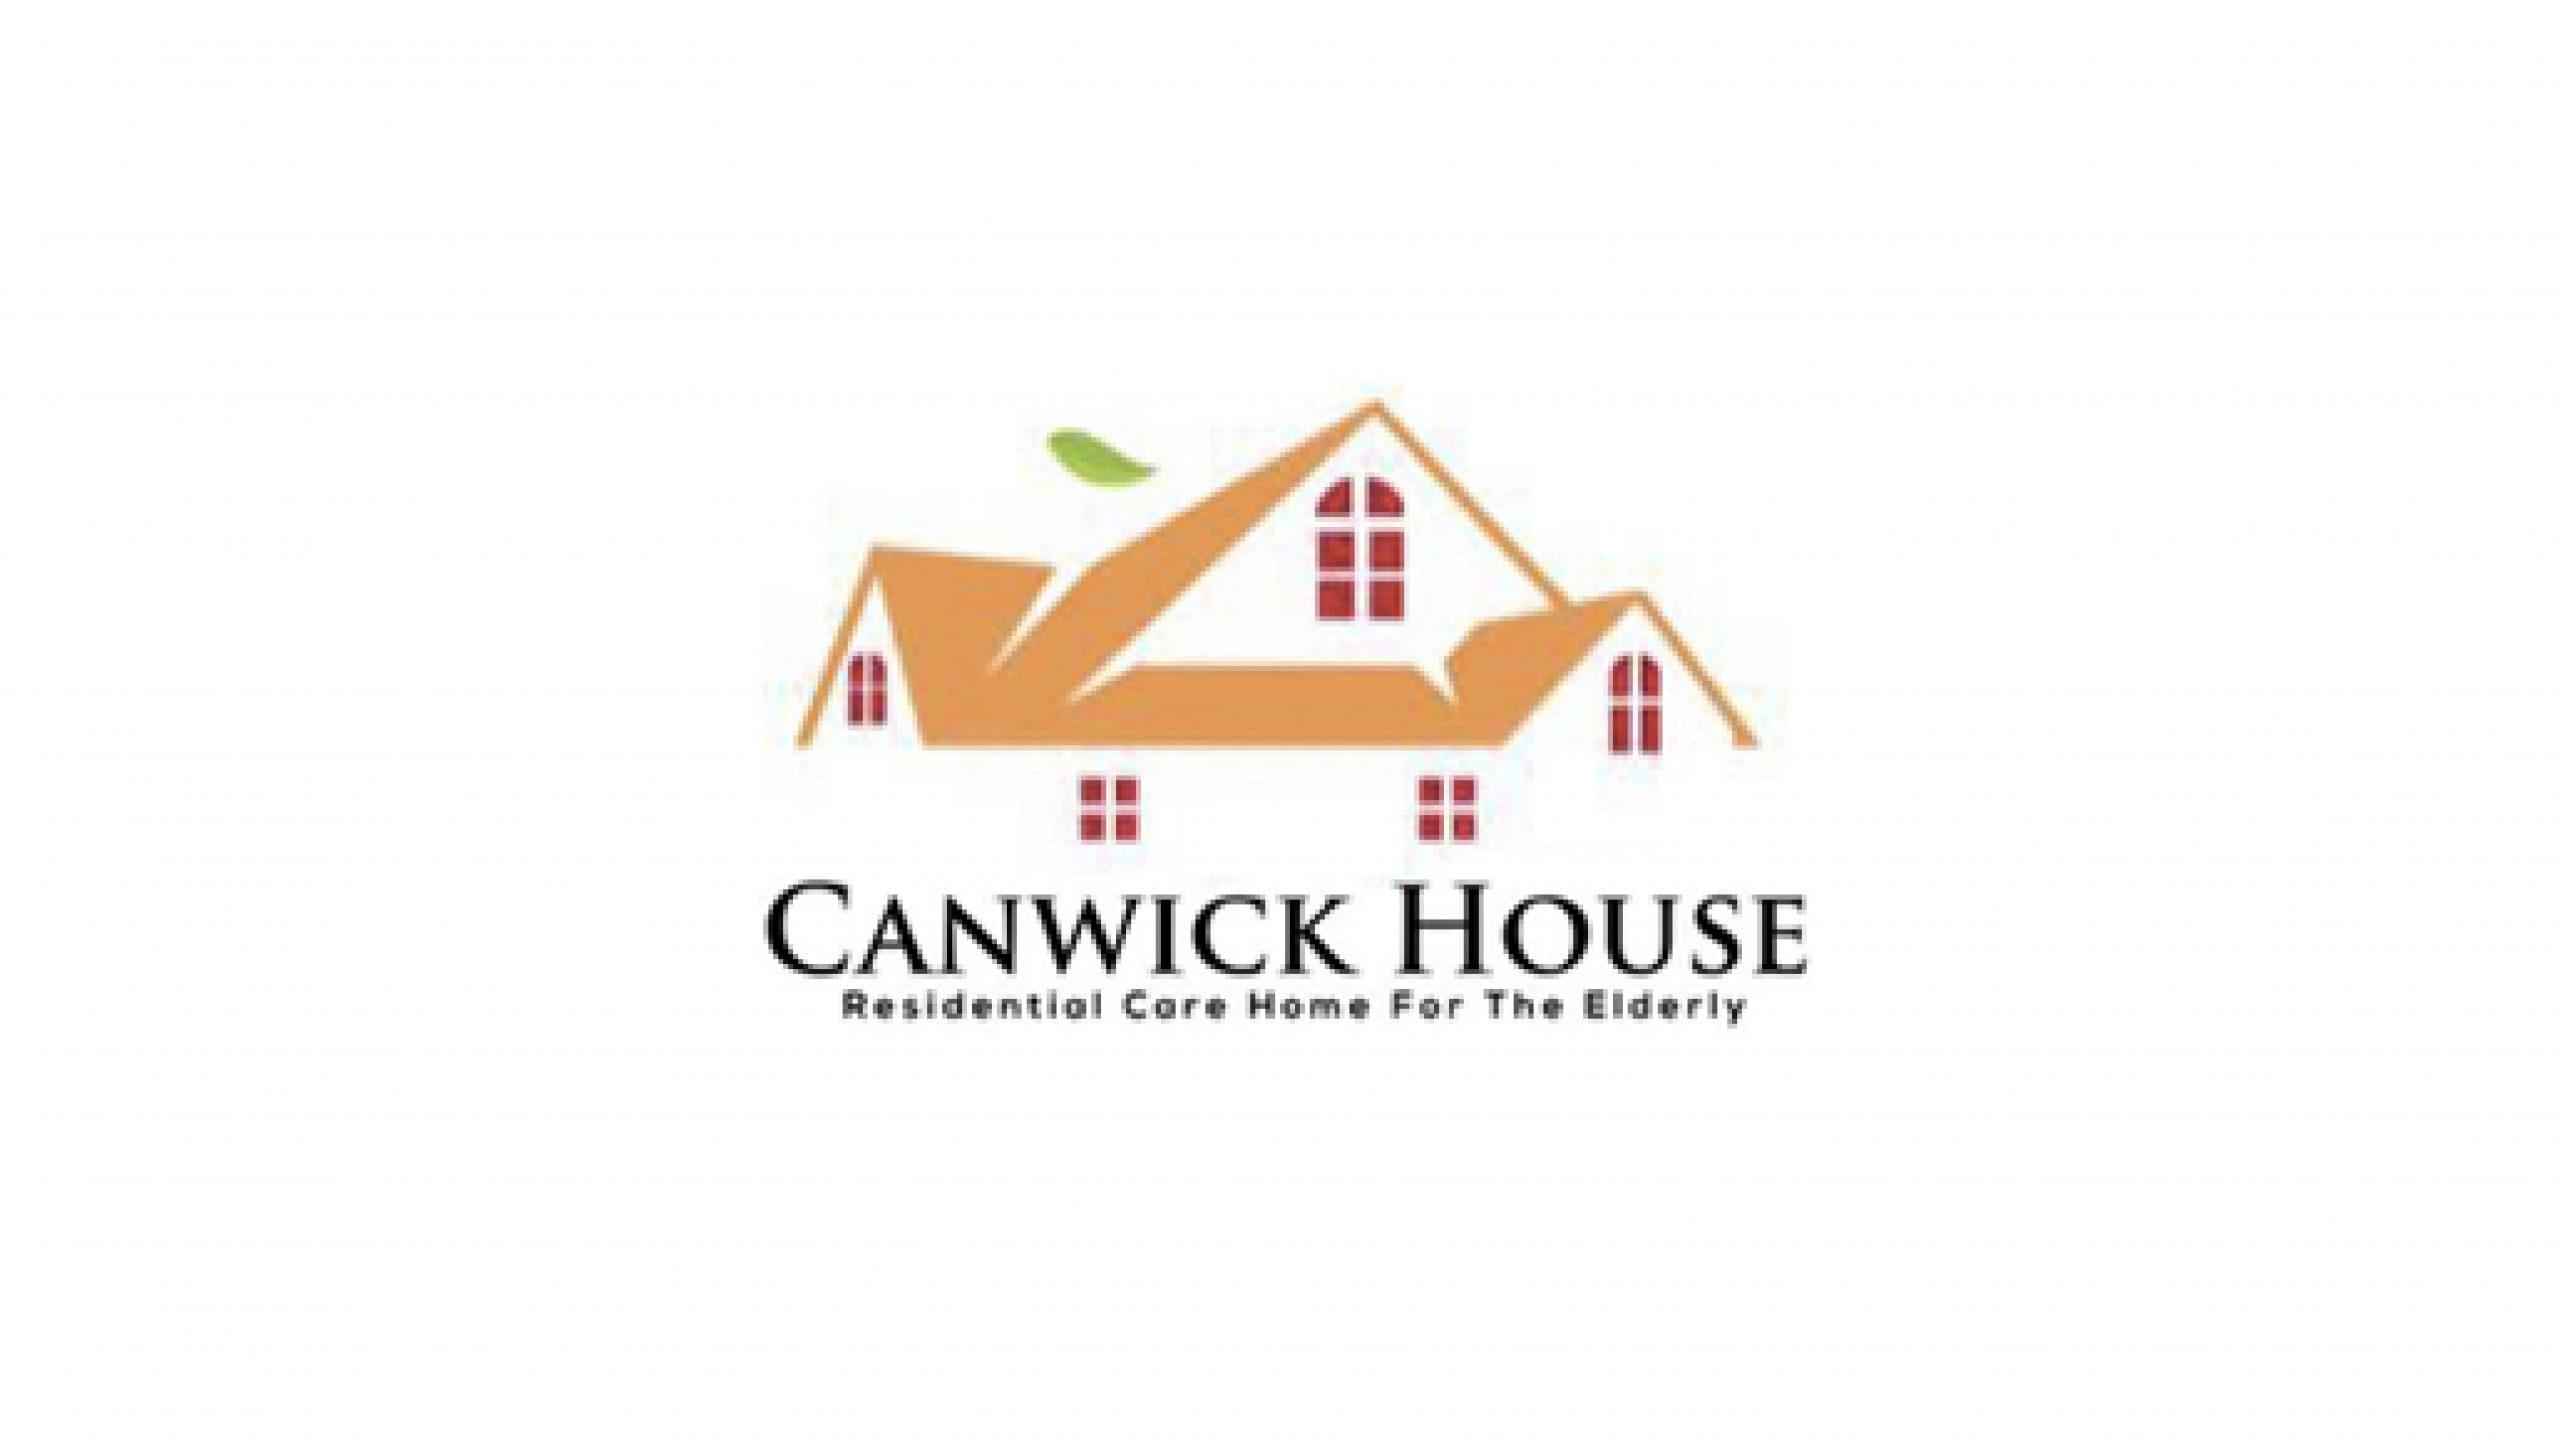 Canwick House